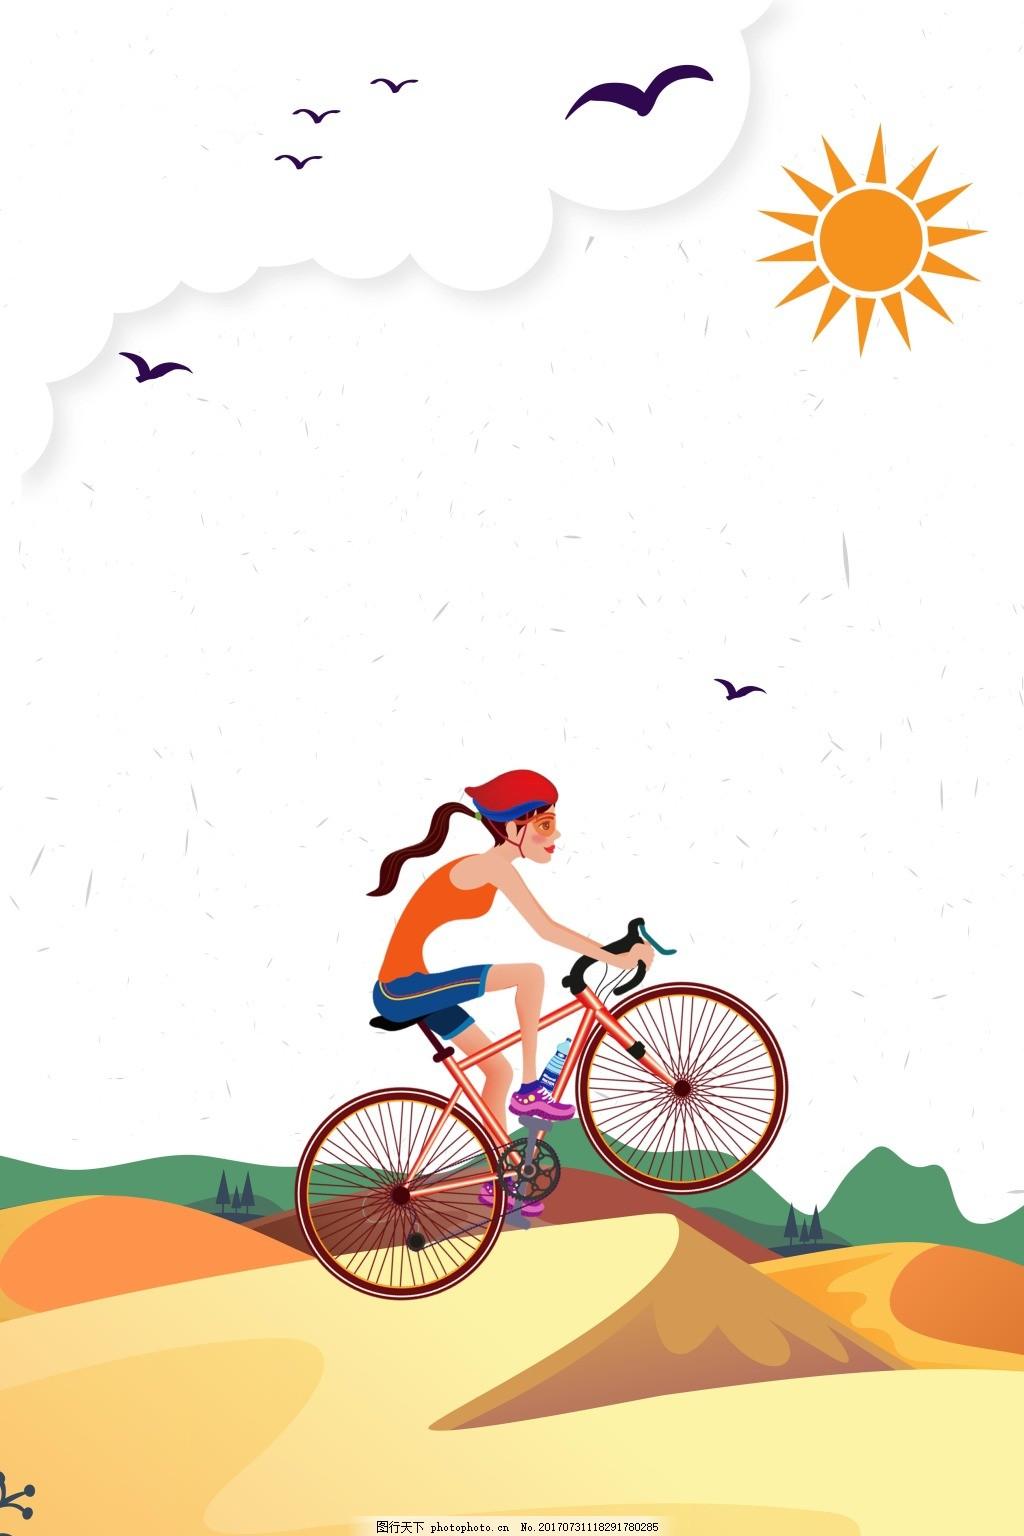 手绘骑行阳光背景 大雁 卡通 太阳 运动 山坡 挑战自我